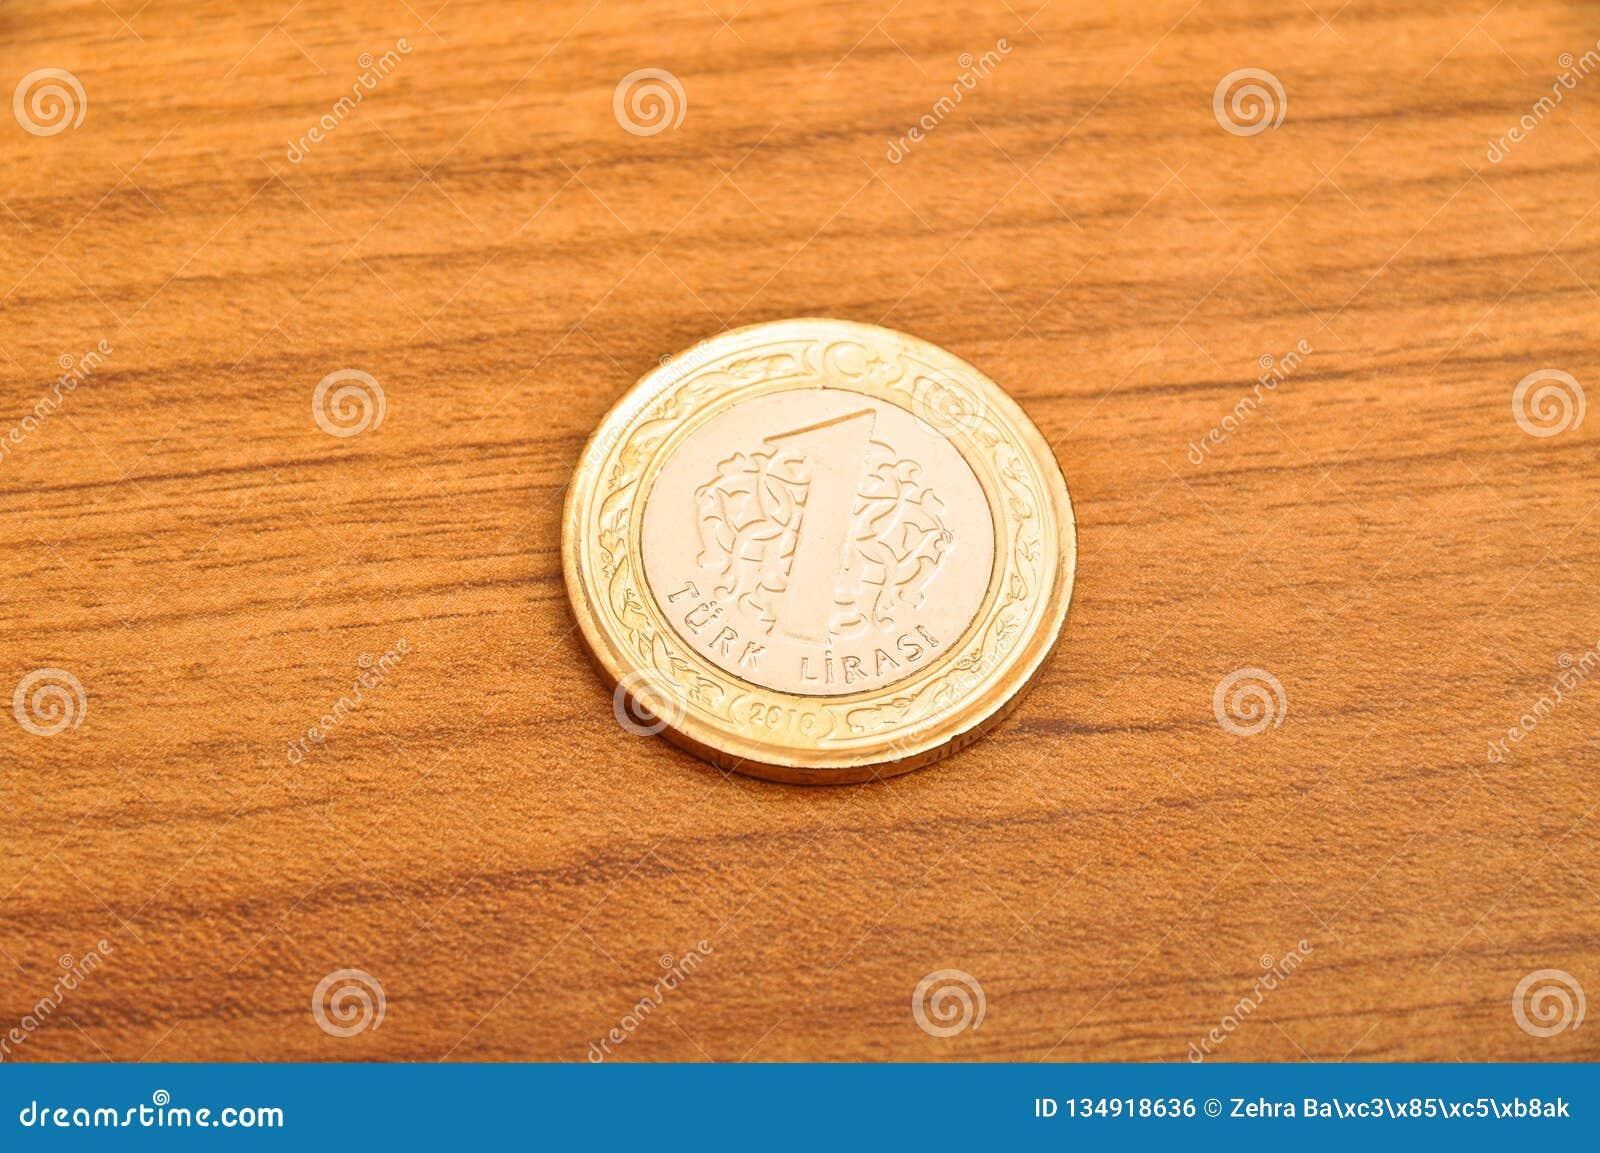 一枚土耳其里拉硬币